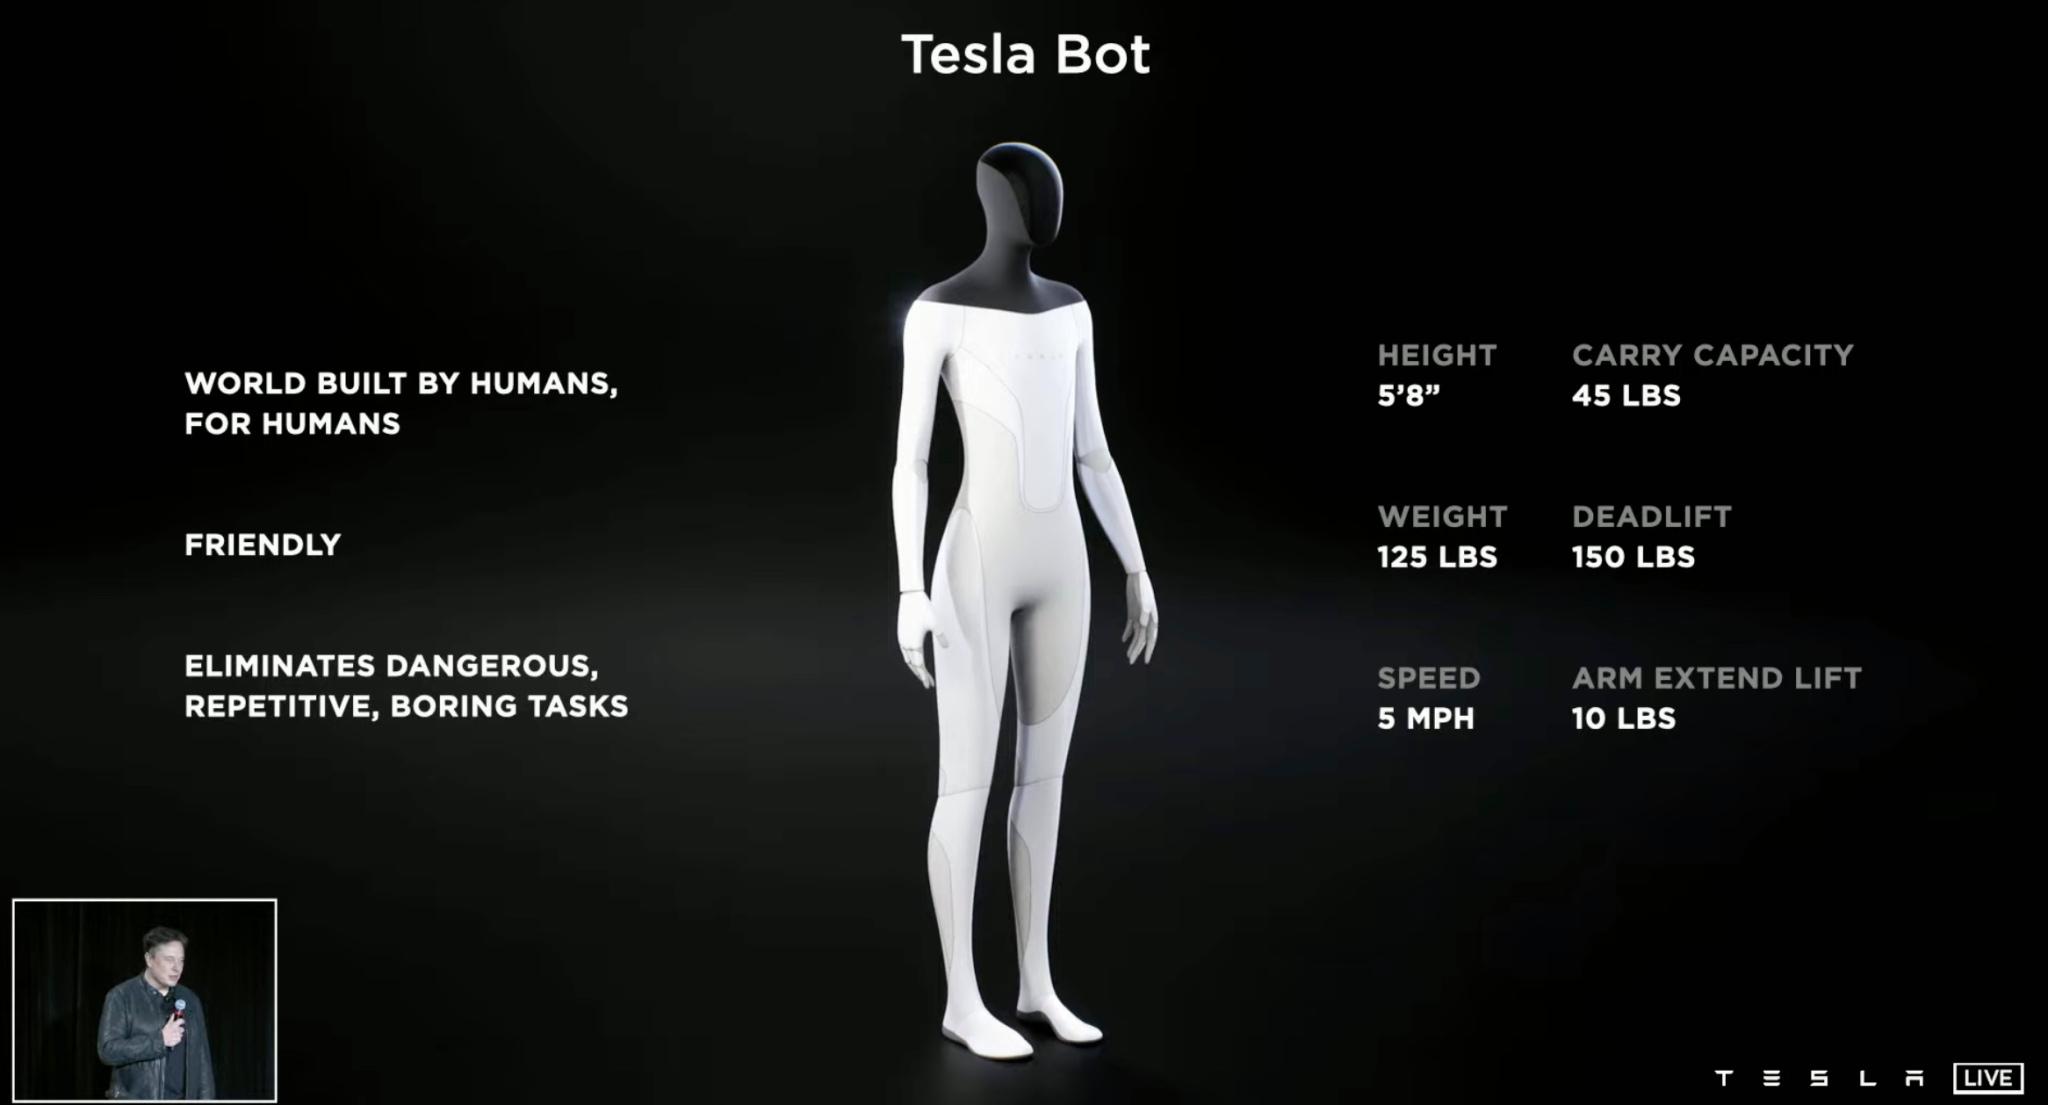 Зовите его Оптимус: Илон Маск анонсировал выпуск человекоподобного робота-помощника Tesla Bot